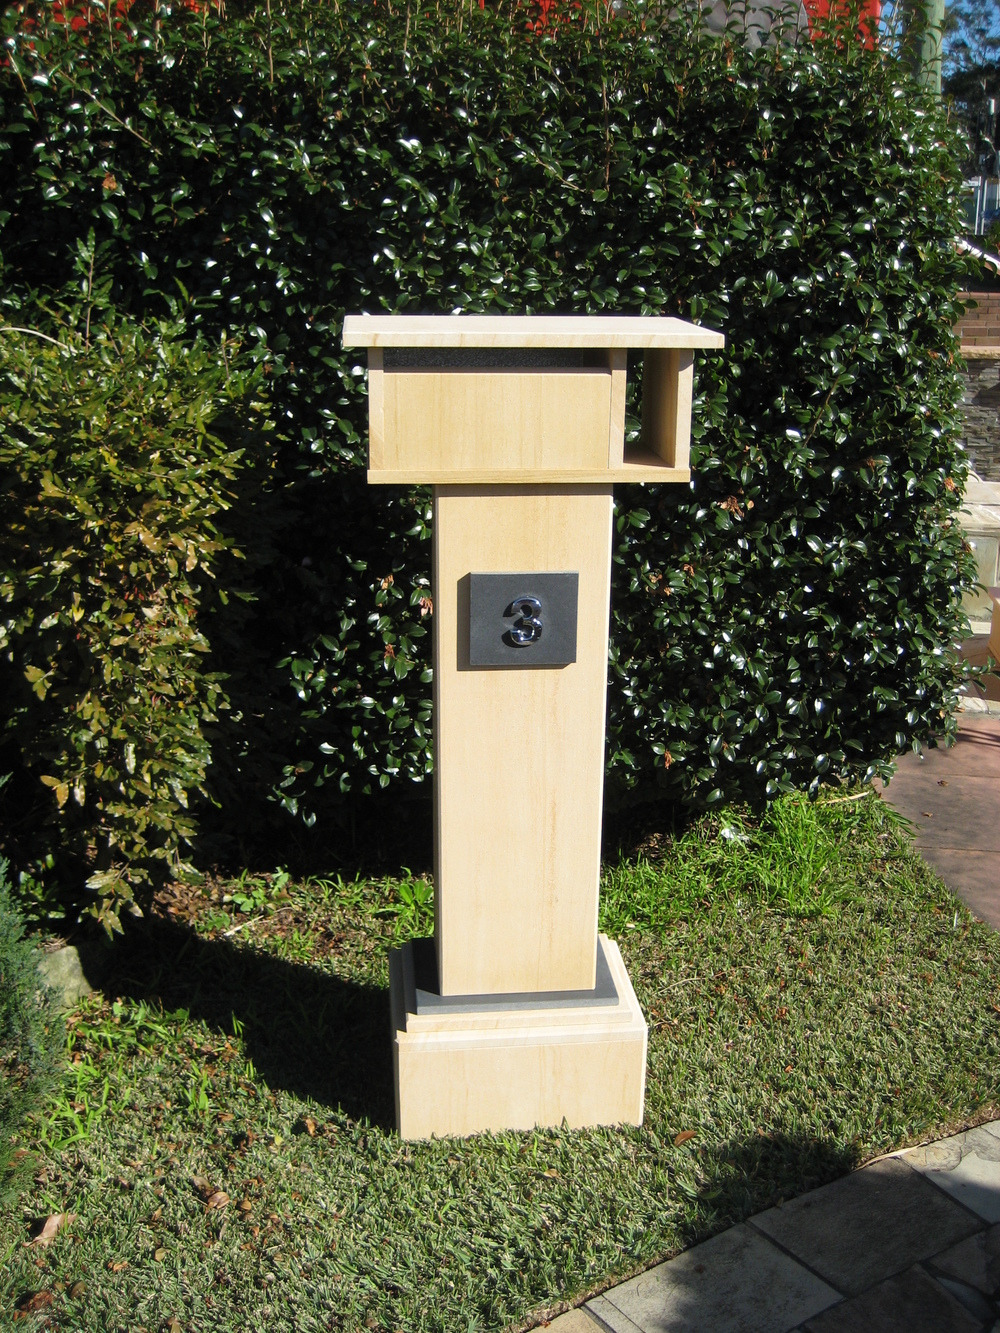 47. Extra tall letterbox, woodgrain sandstone. 1060 tall, dimensions 1250x500x300 $595